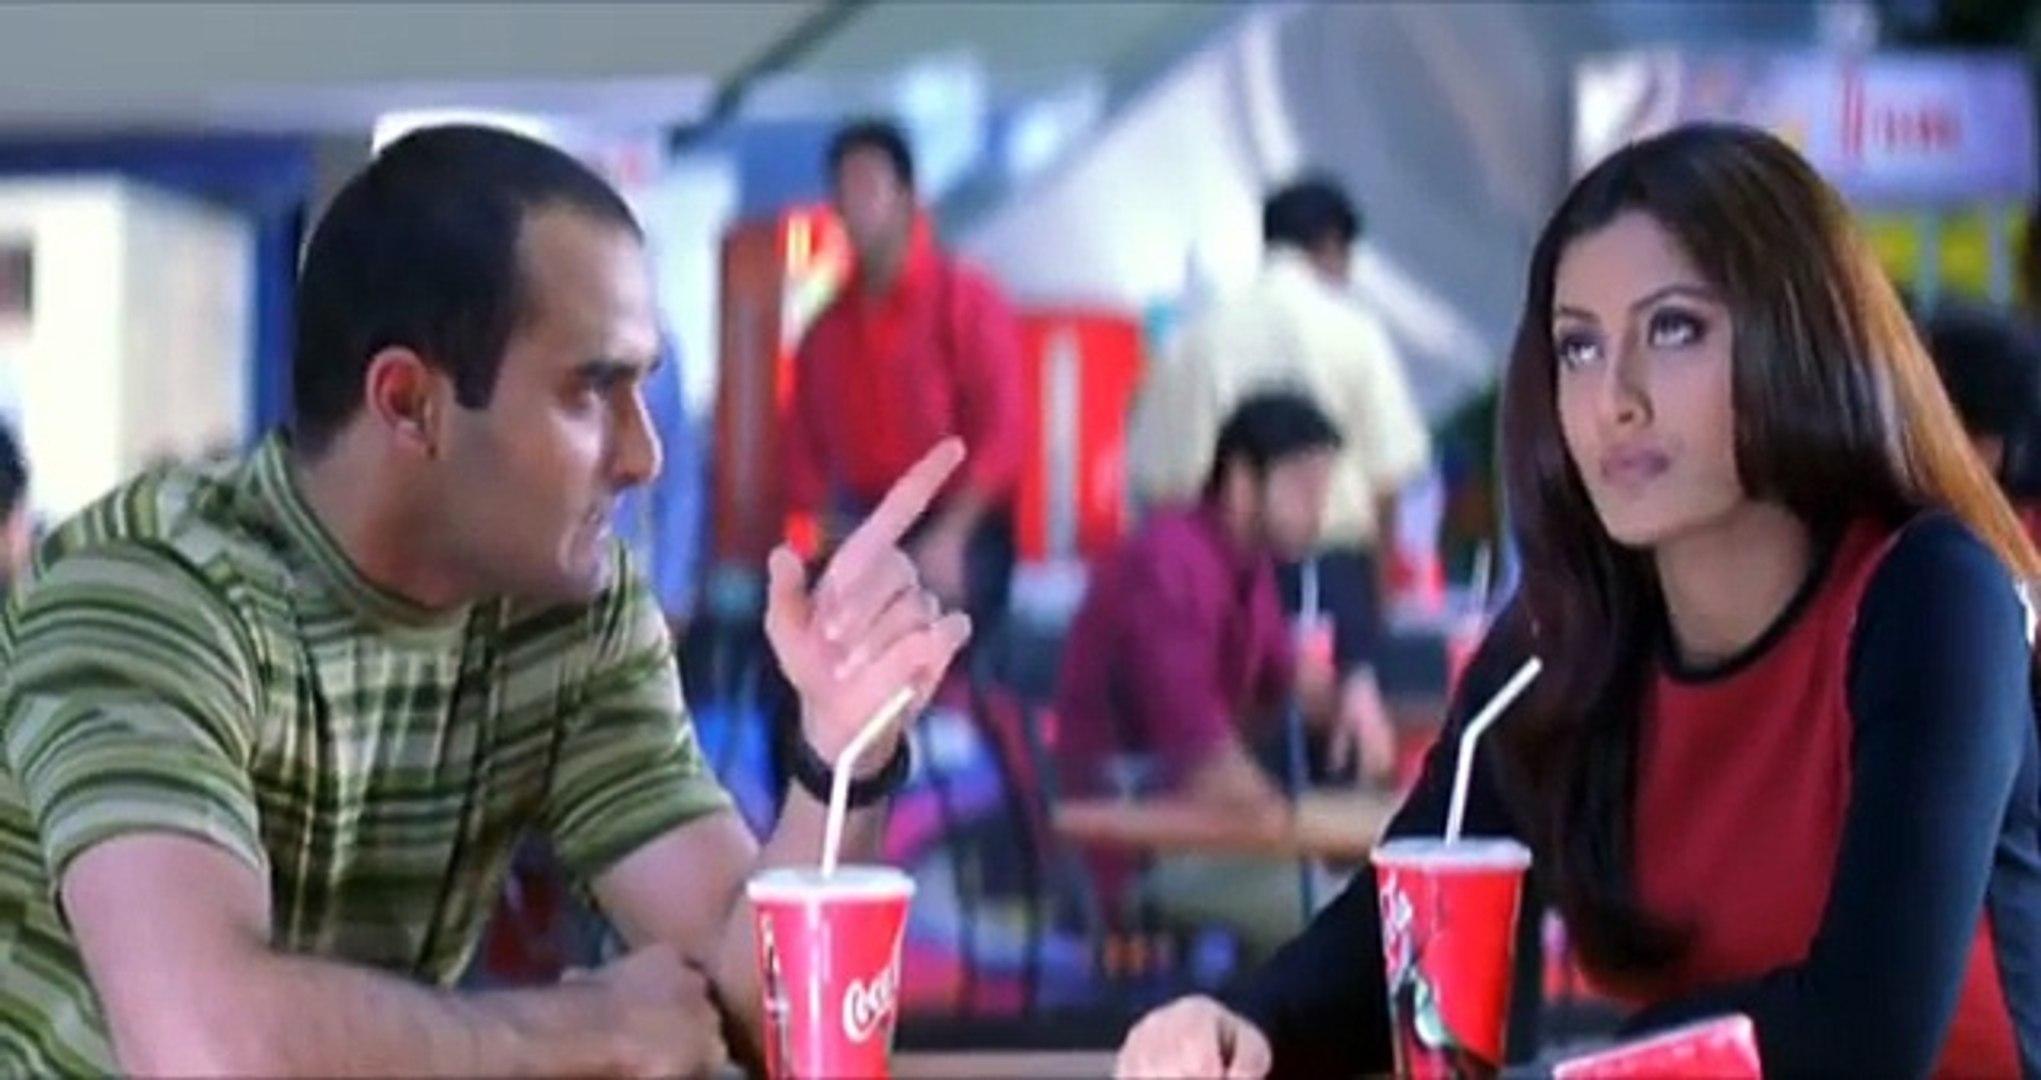 Hungama - Hindi Movies Full Movie  Akshaye Khanna, Paresh Rawal  Hindi Full Comedy Movies _ PART 2